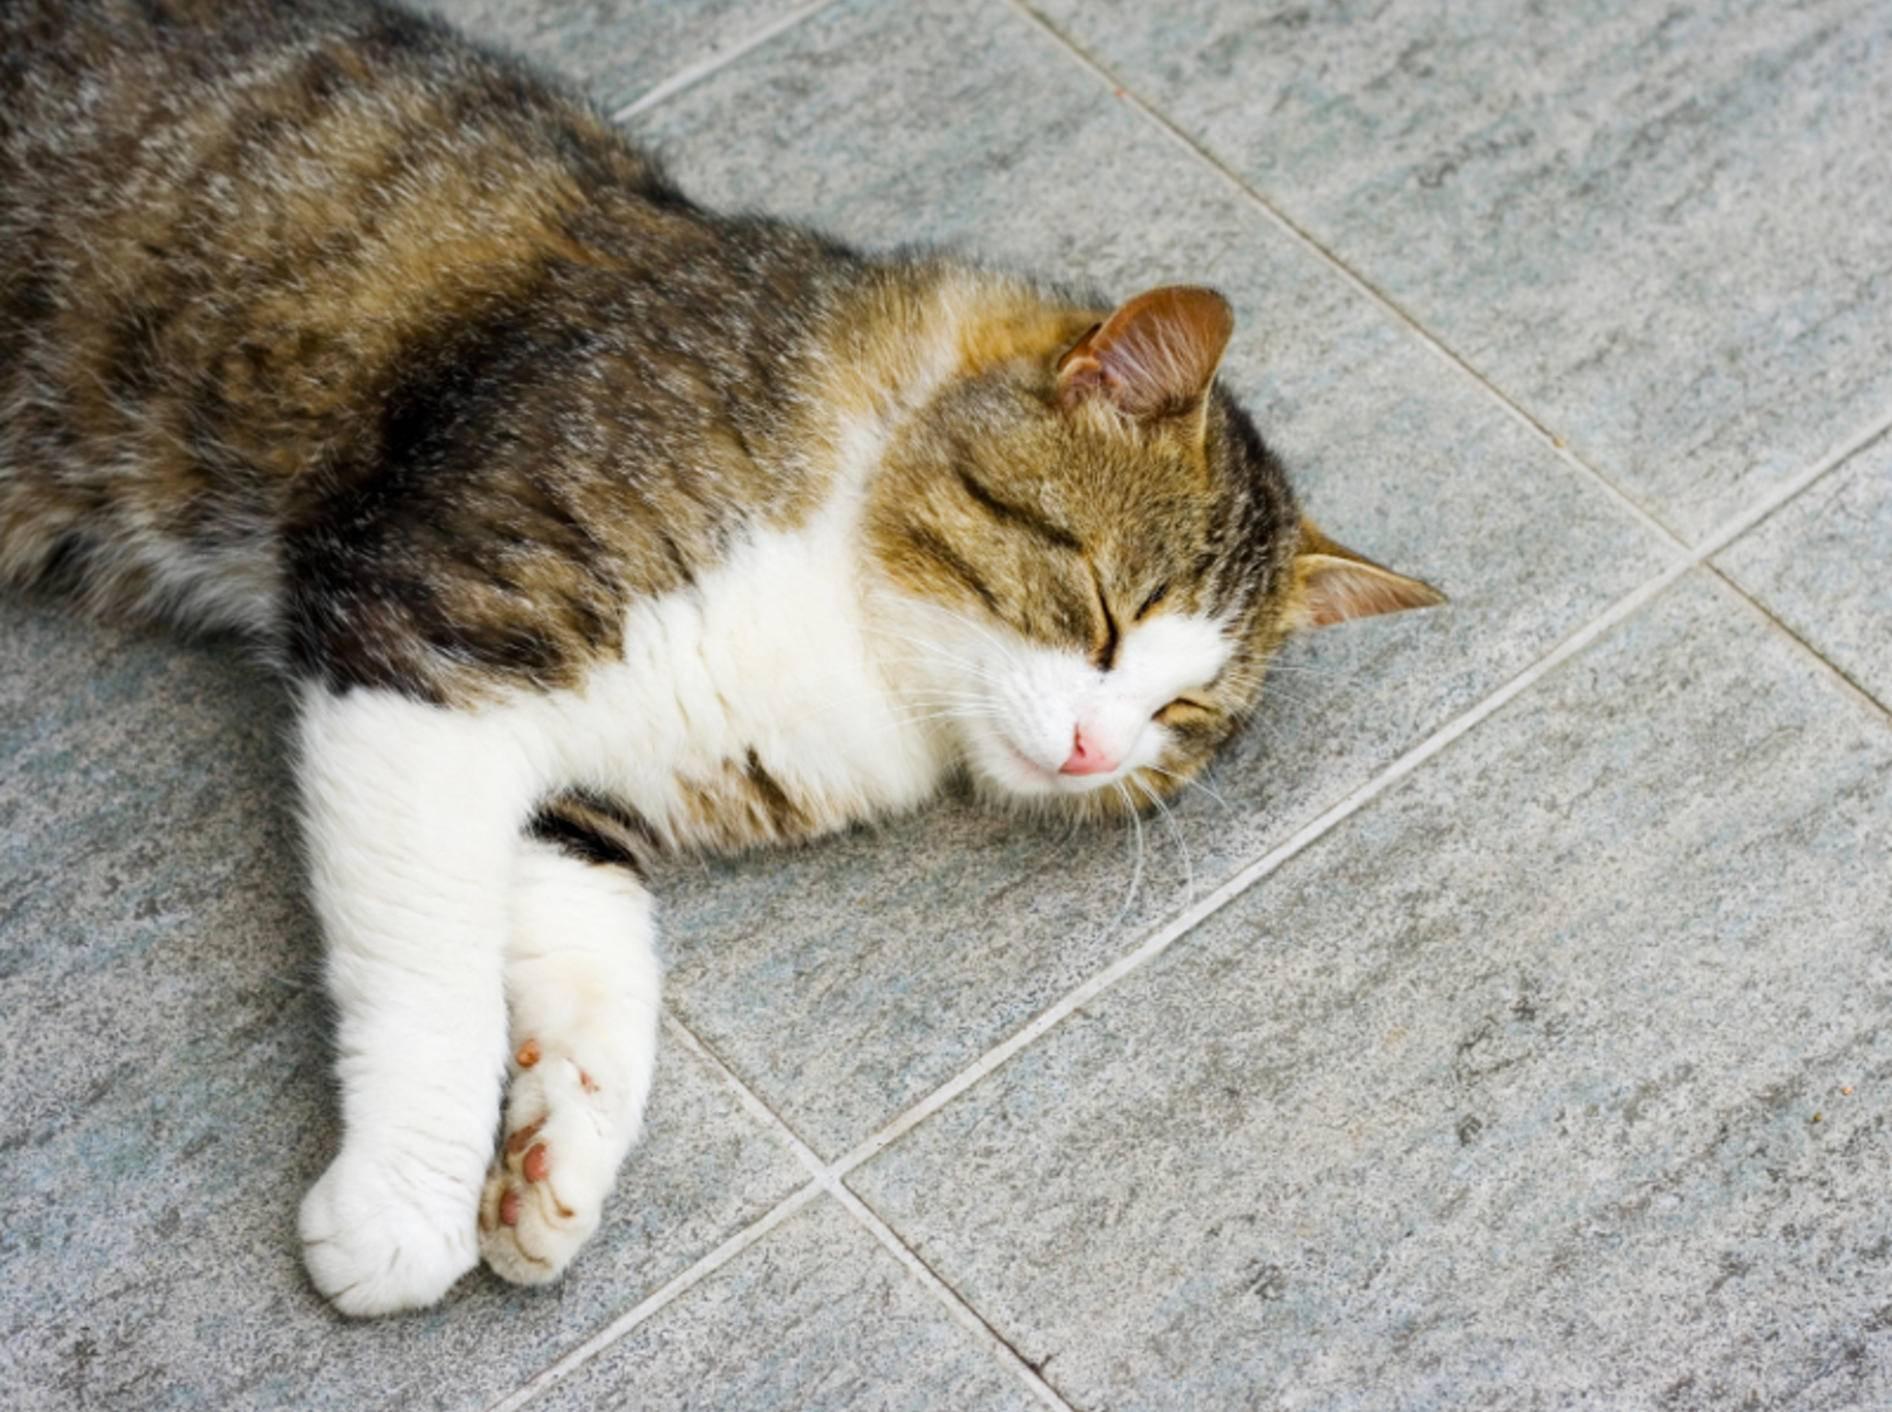 Kühle Fliesen sind für Katzen ein beliebter Ort zum Verweilen im Hochsommer – Shutterstock / Andrei Nekrassov